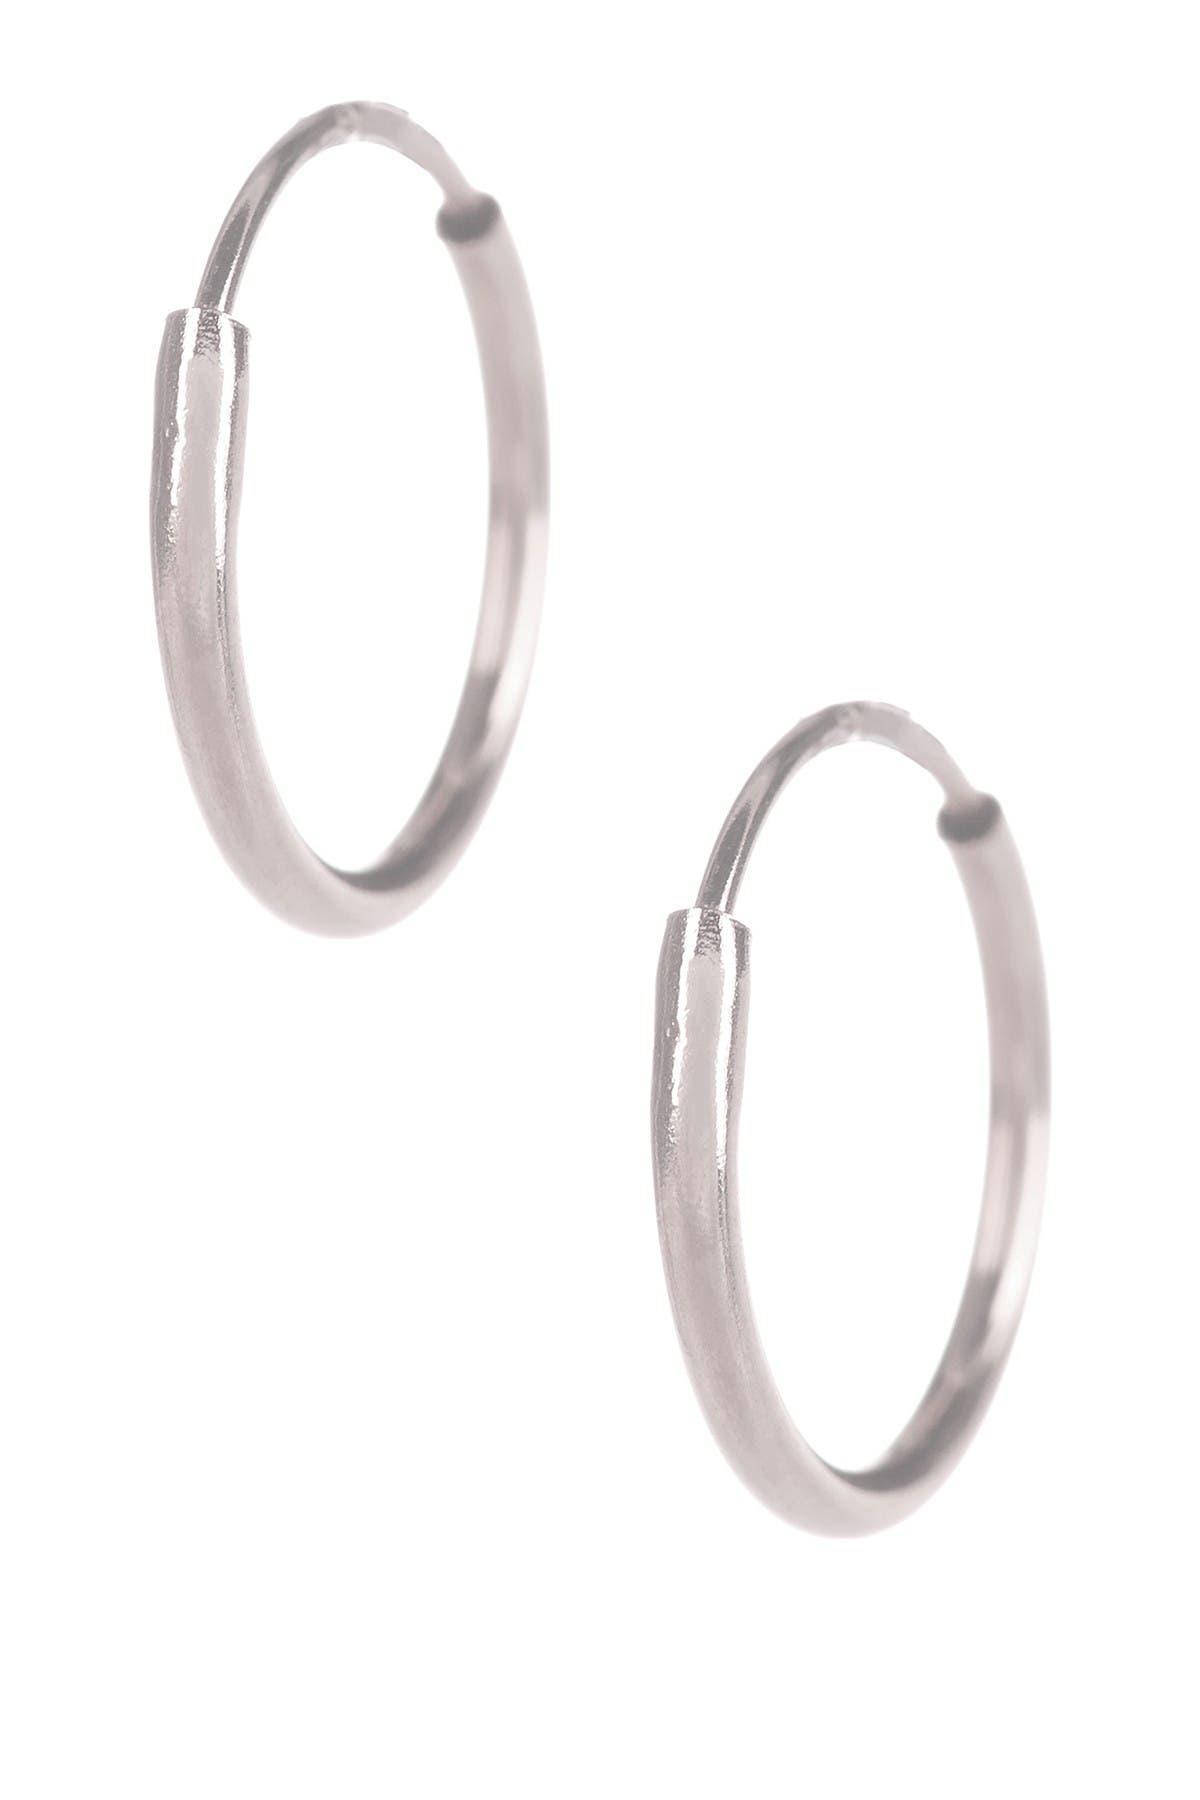 Image of Candela 14K White Gold 10mm Endless Hoop Earrings